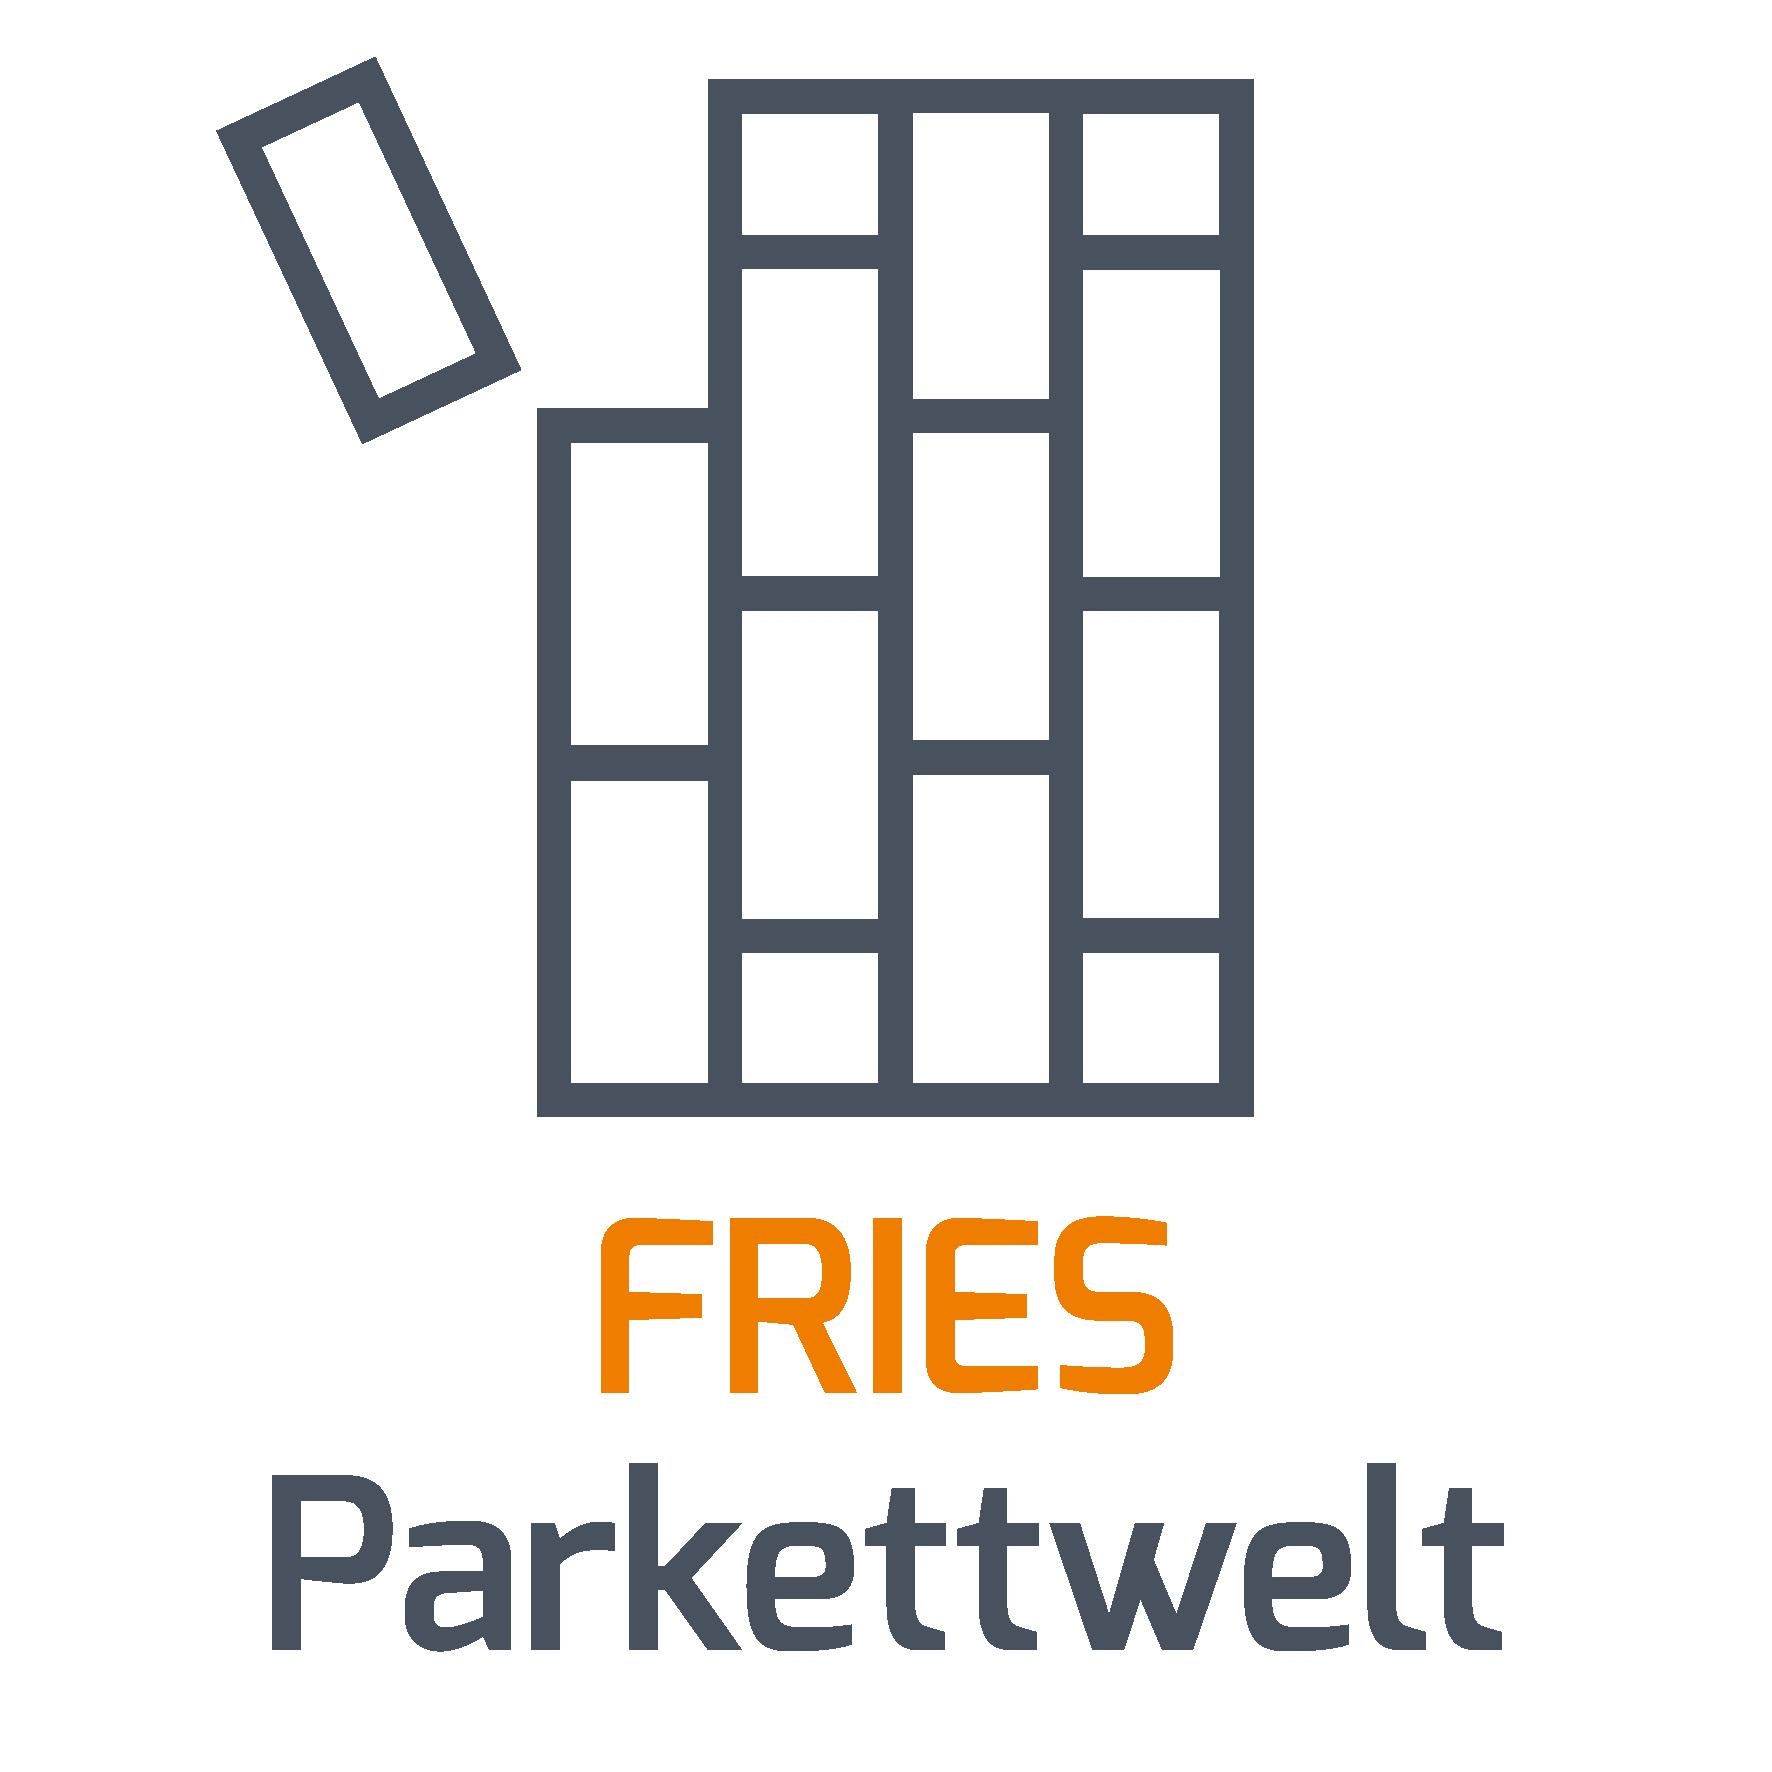 FRIES Parkettwelt